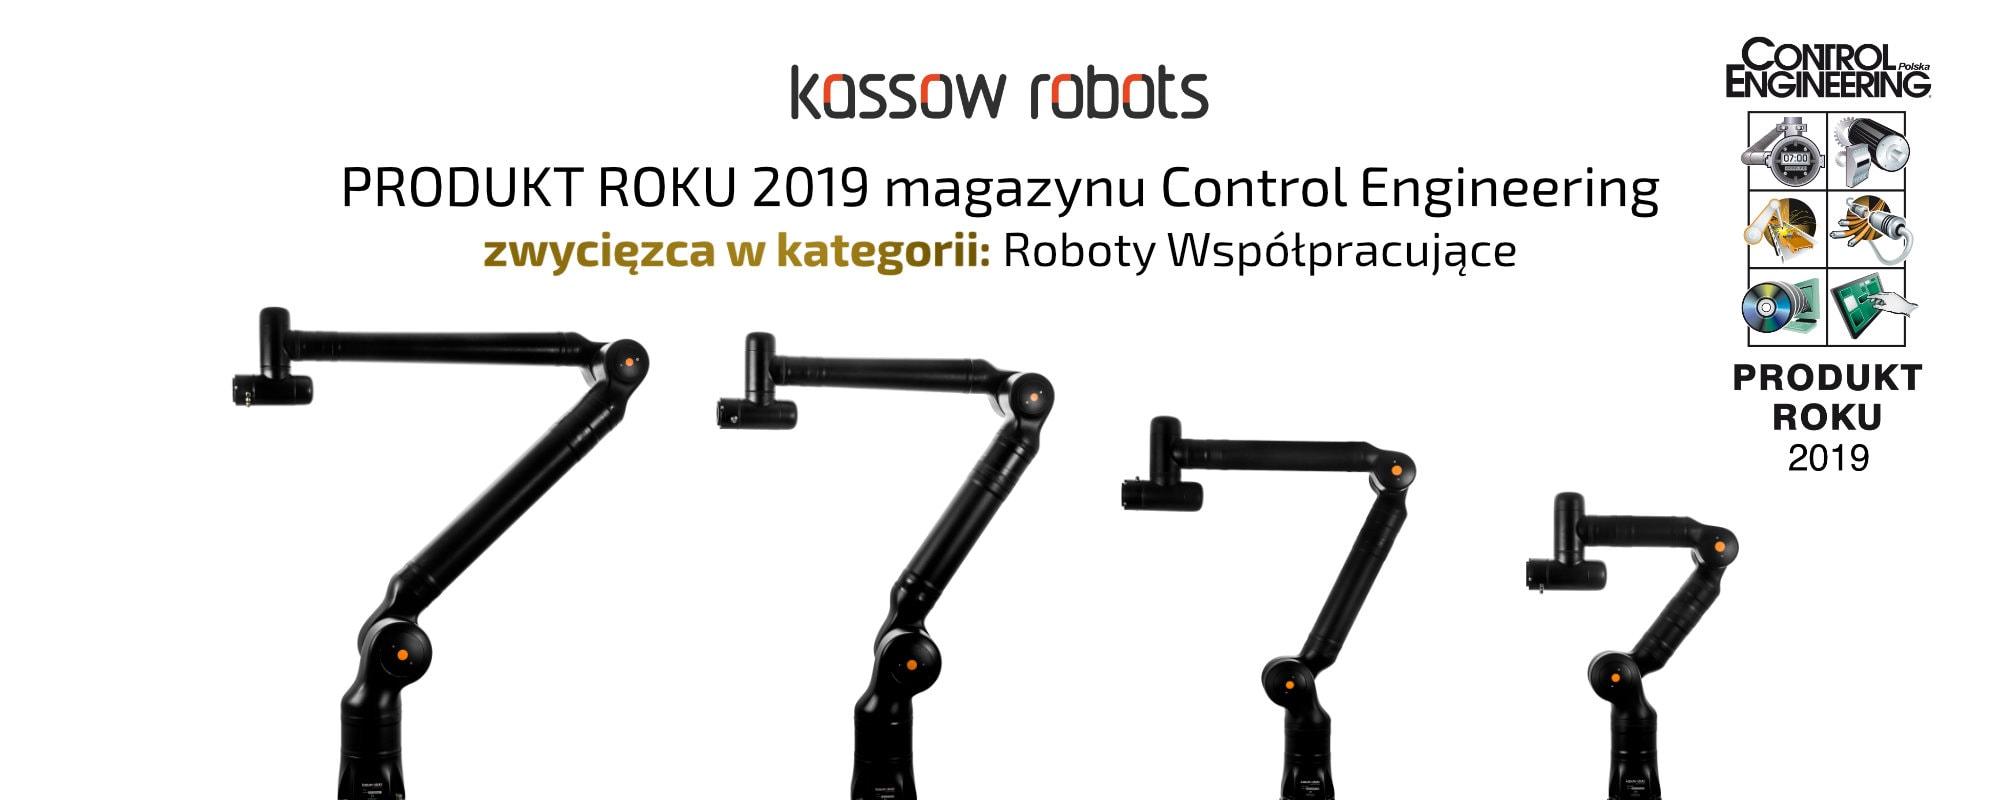 banner | rodzina kobotów Kassow Robots - zwycięzcą w kategorii Roboty Współpracujące konkursu Produkt Roku 2019 magazynu Control Engineering Polska